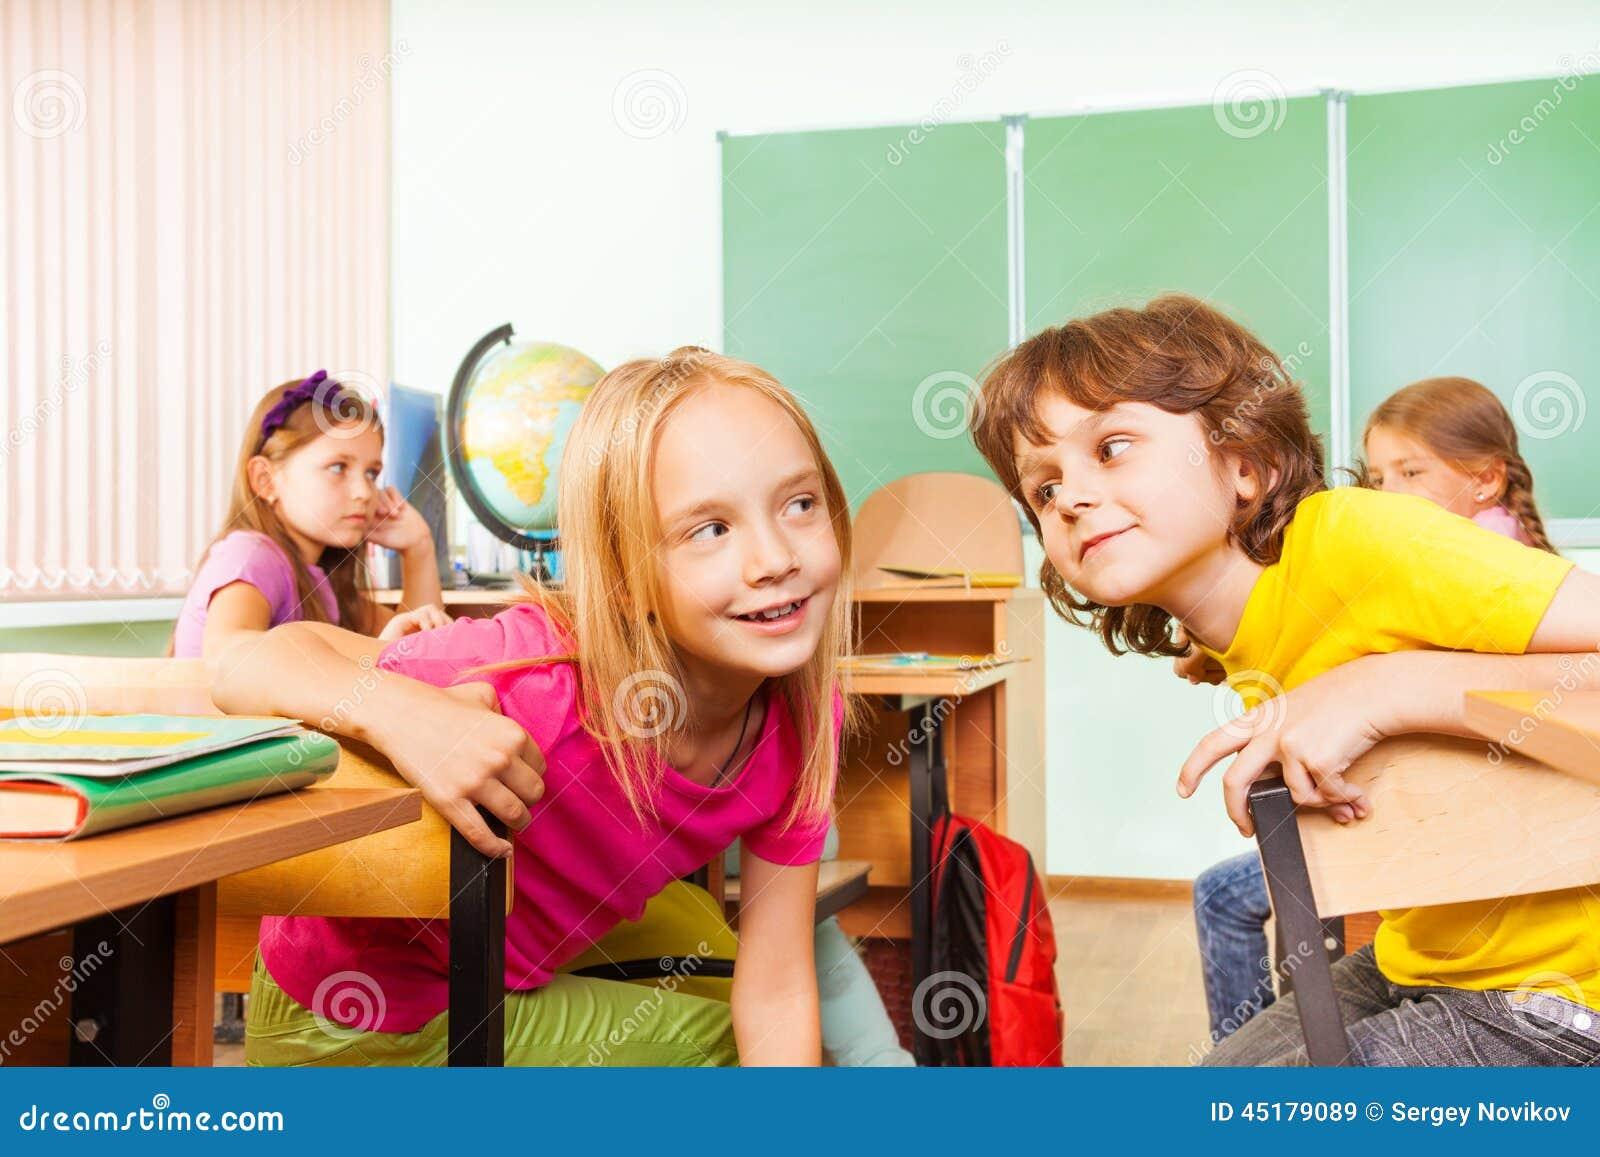 Фото девочка на уроке 5 фотография